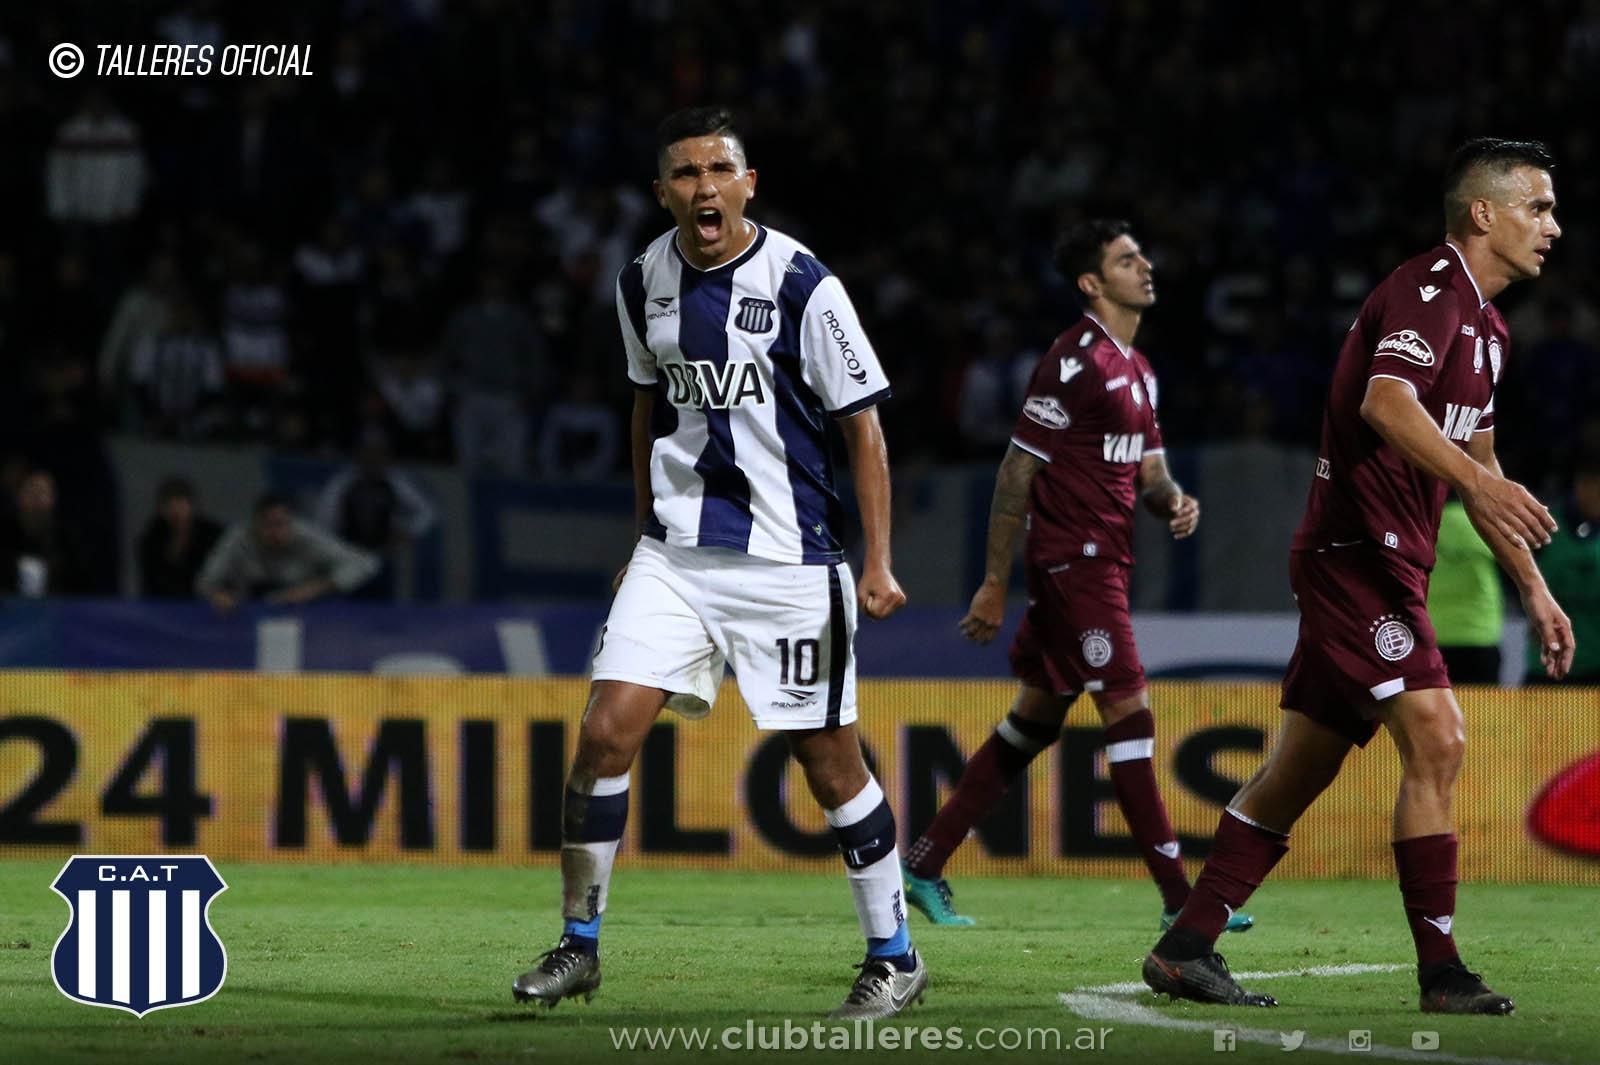 Otra sorpresa en Copa Argentina: Gimnasia de Mendoza eliminó a Talleres